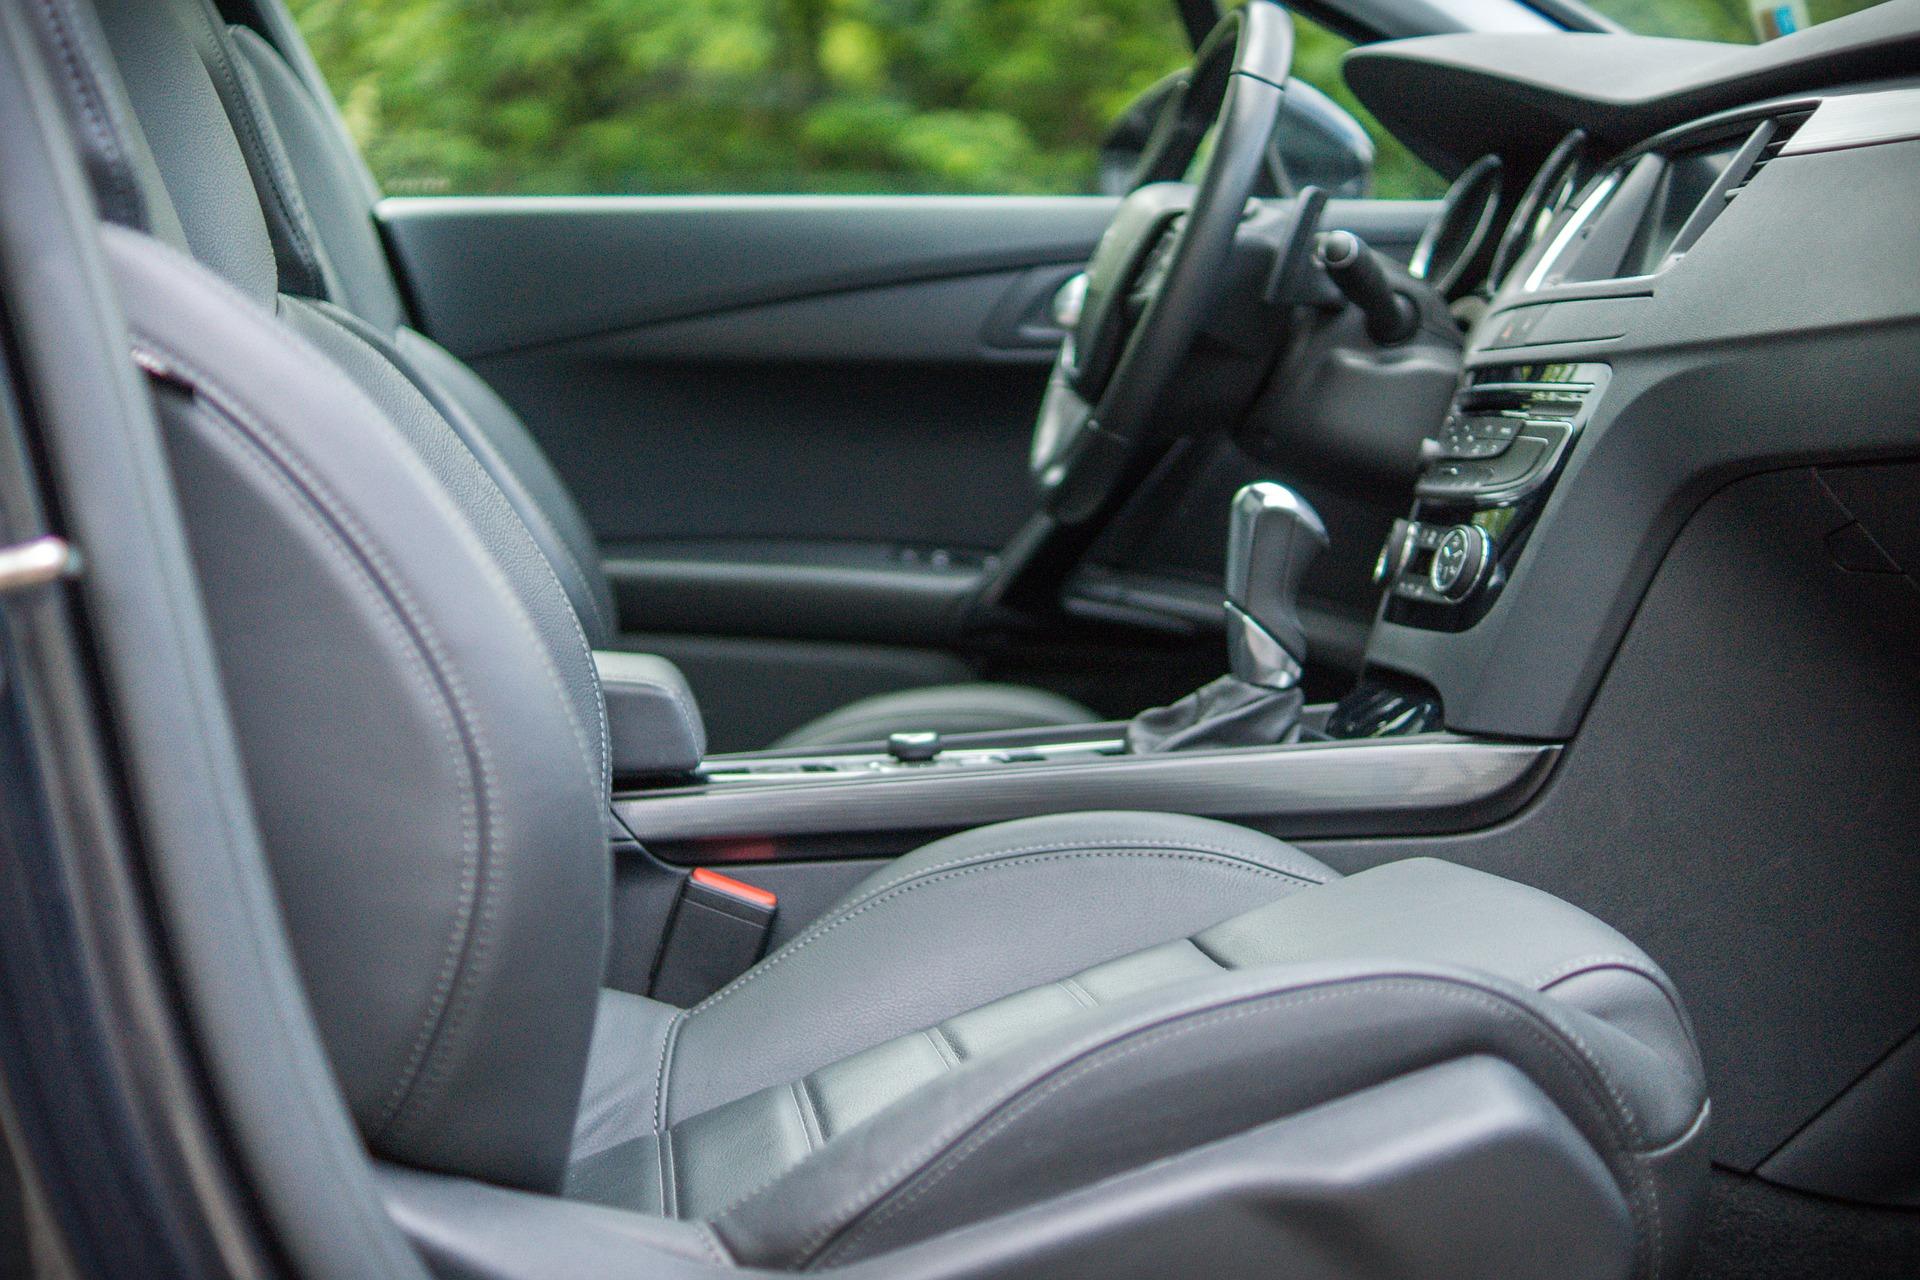 Intérieur d'une voiture noir et gris